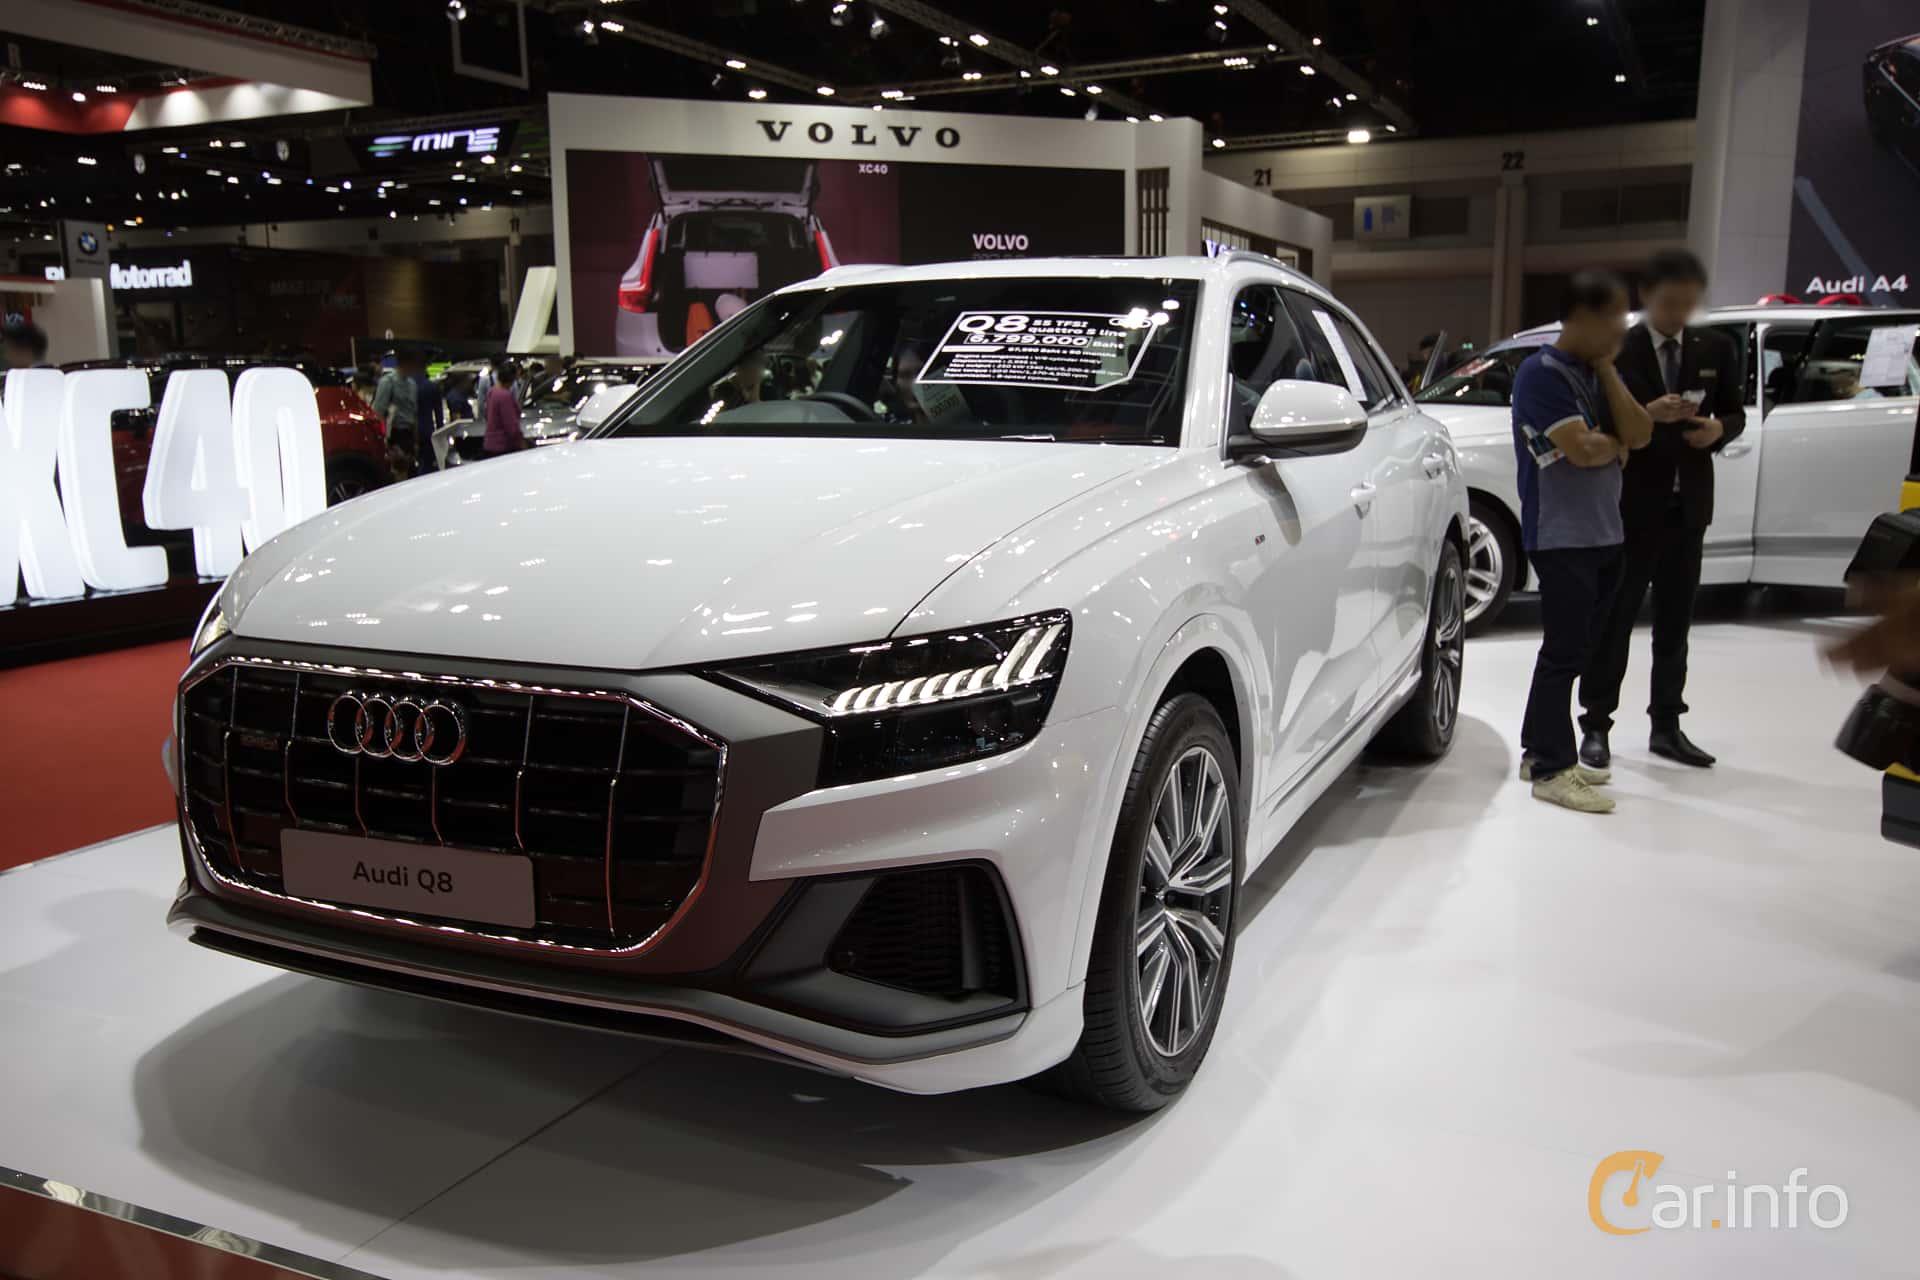 Audi Q8 55 TFSI quattro  TipTronic, 340hp, 2019 at Bangkok Motor Show 2019